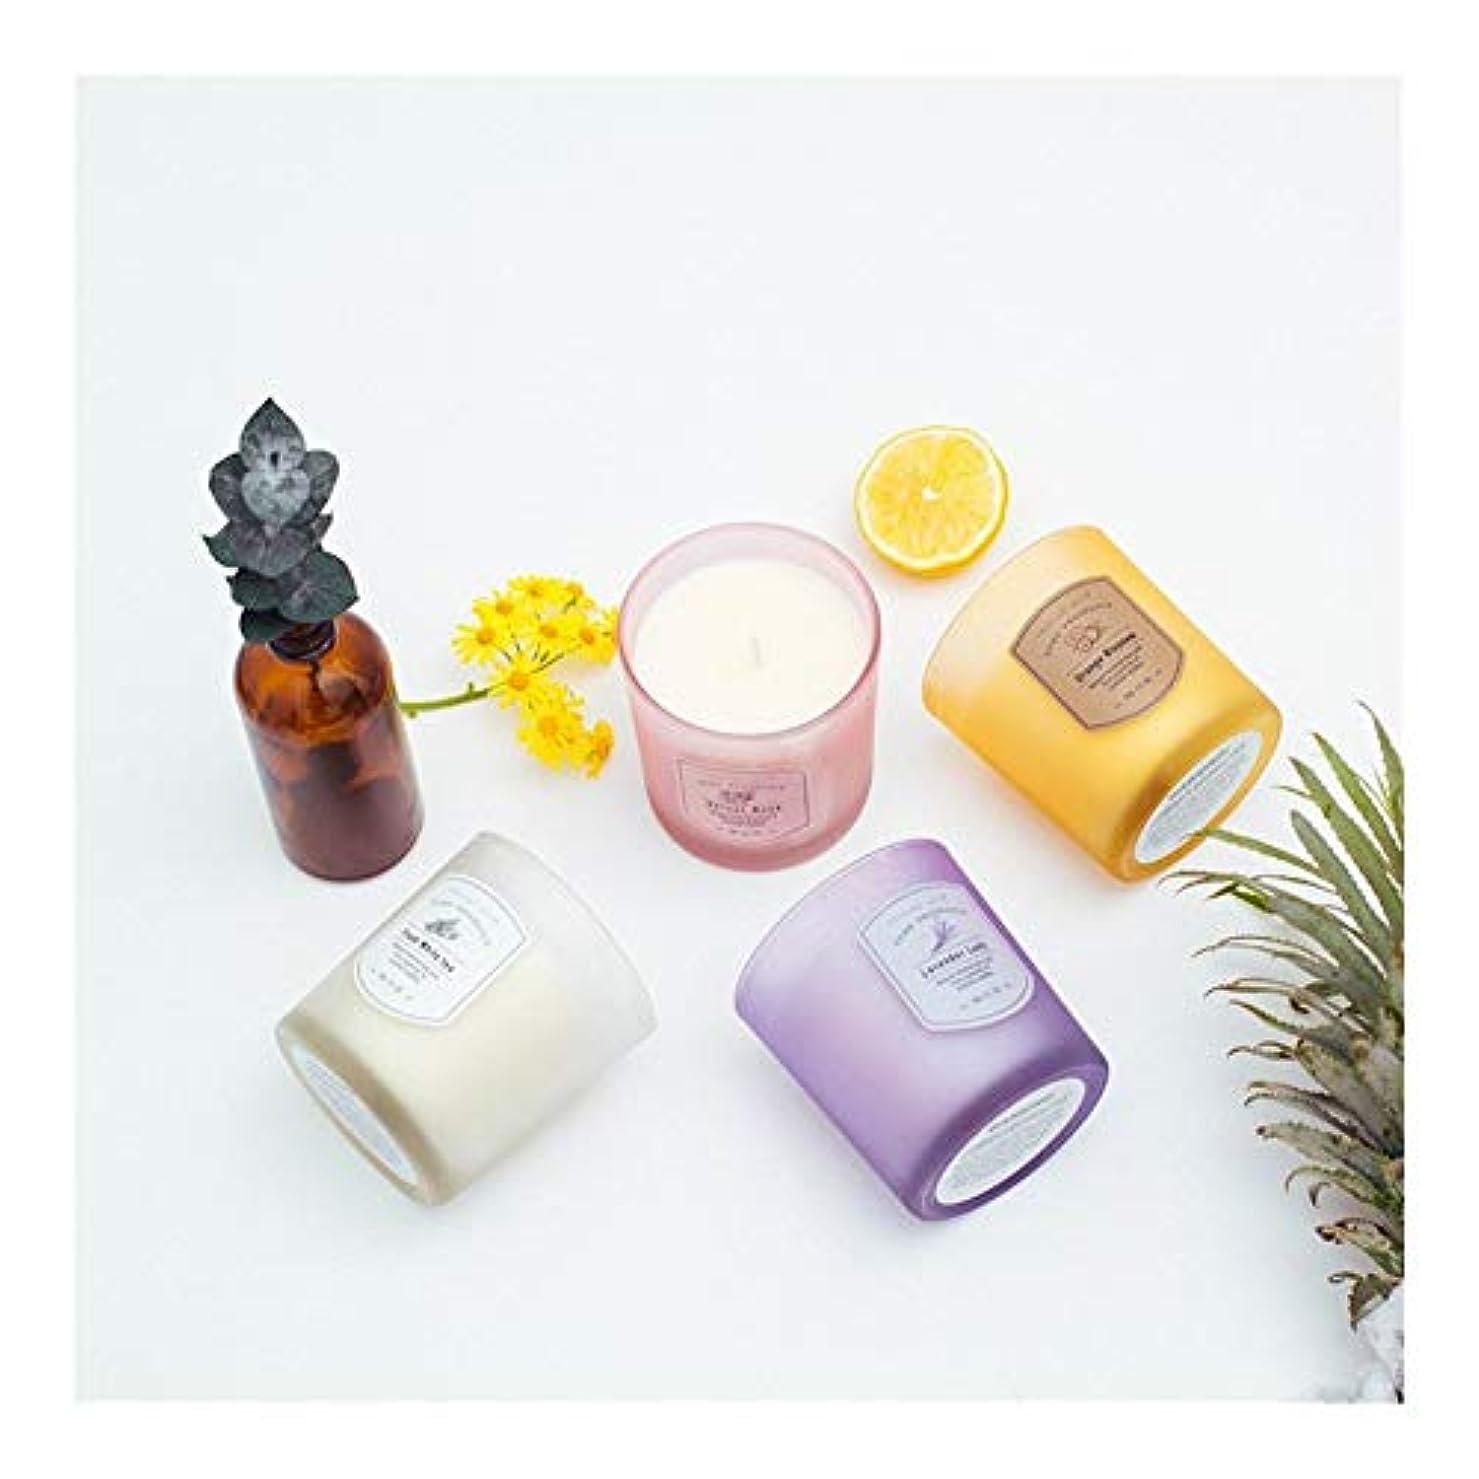 ディベートガム校長Guomao ガラスキャンドルキャンドルセット無煙フレグランスジュエリーホームアクセサリー (色 : Purple lavender)